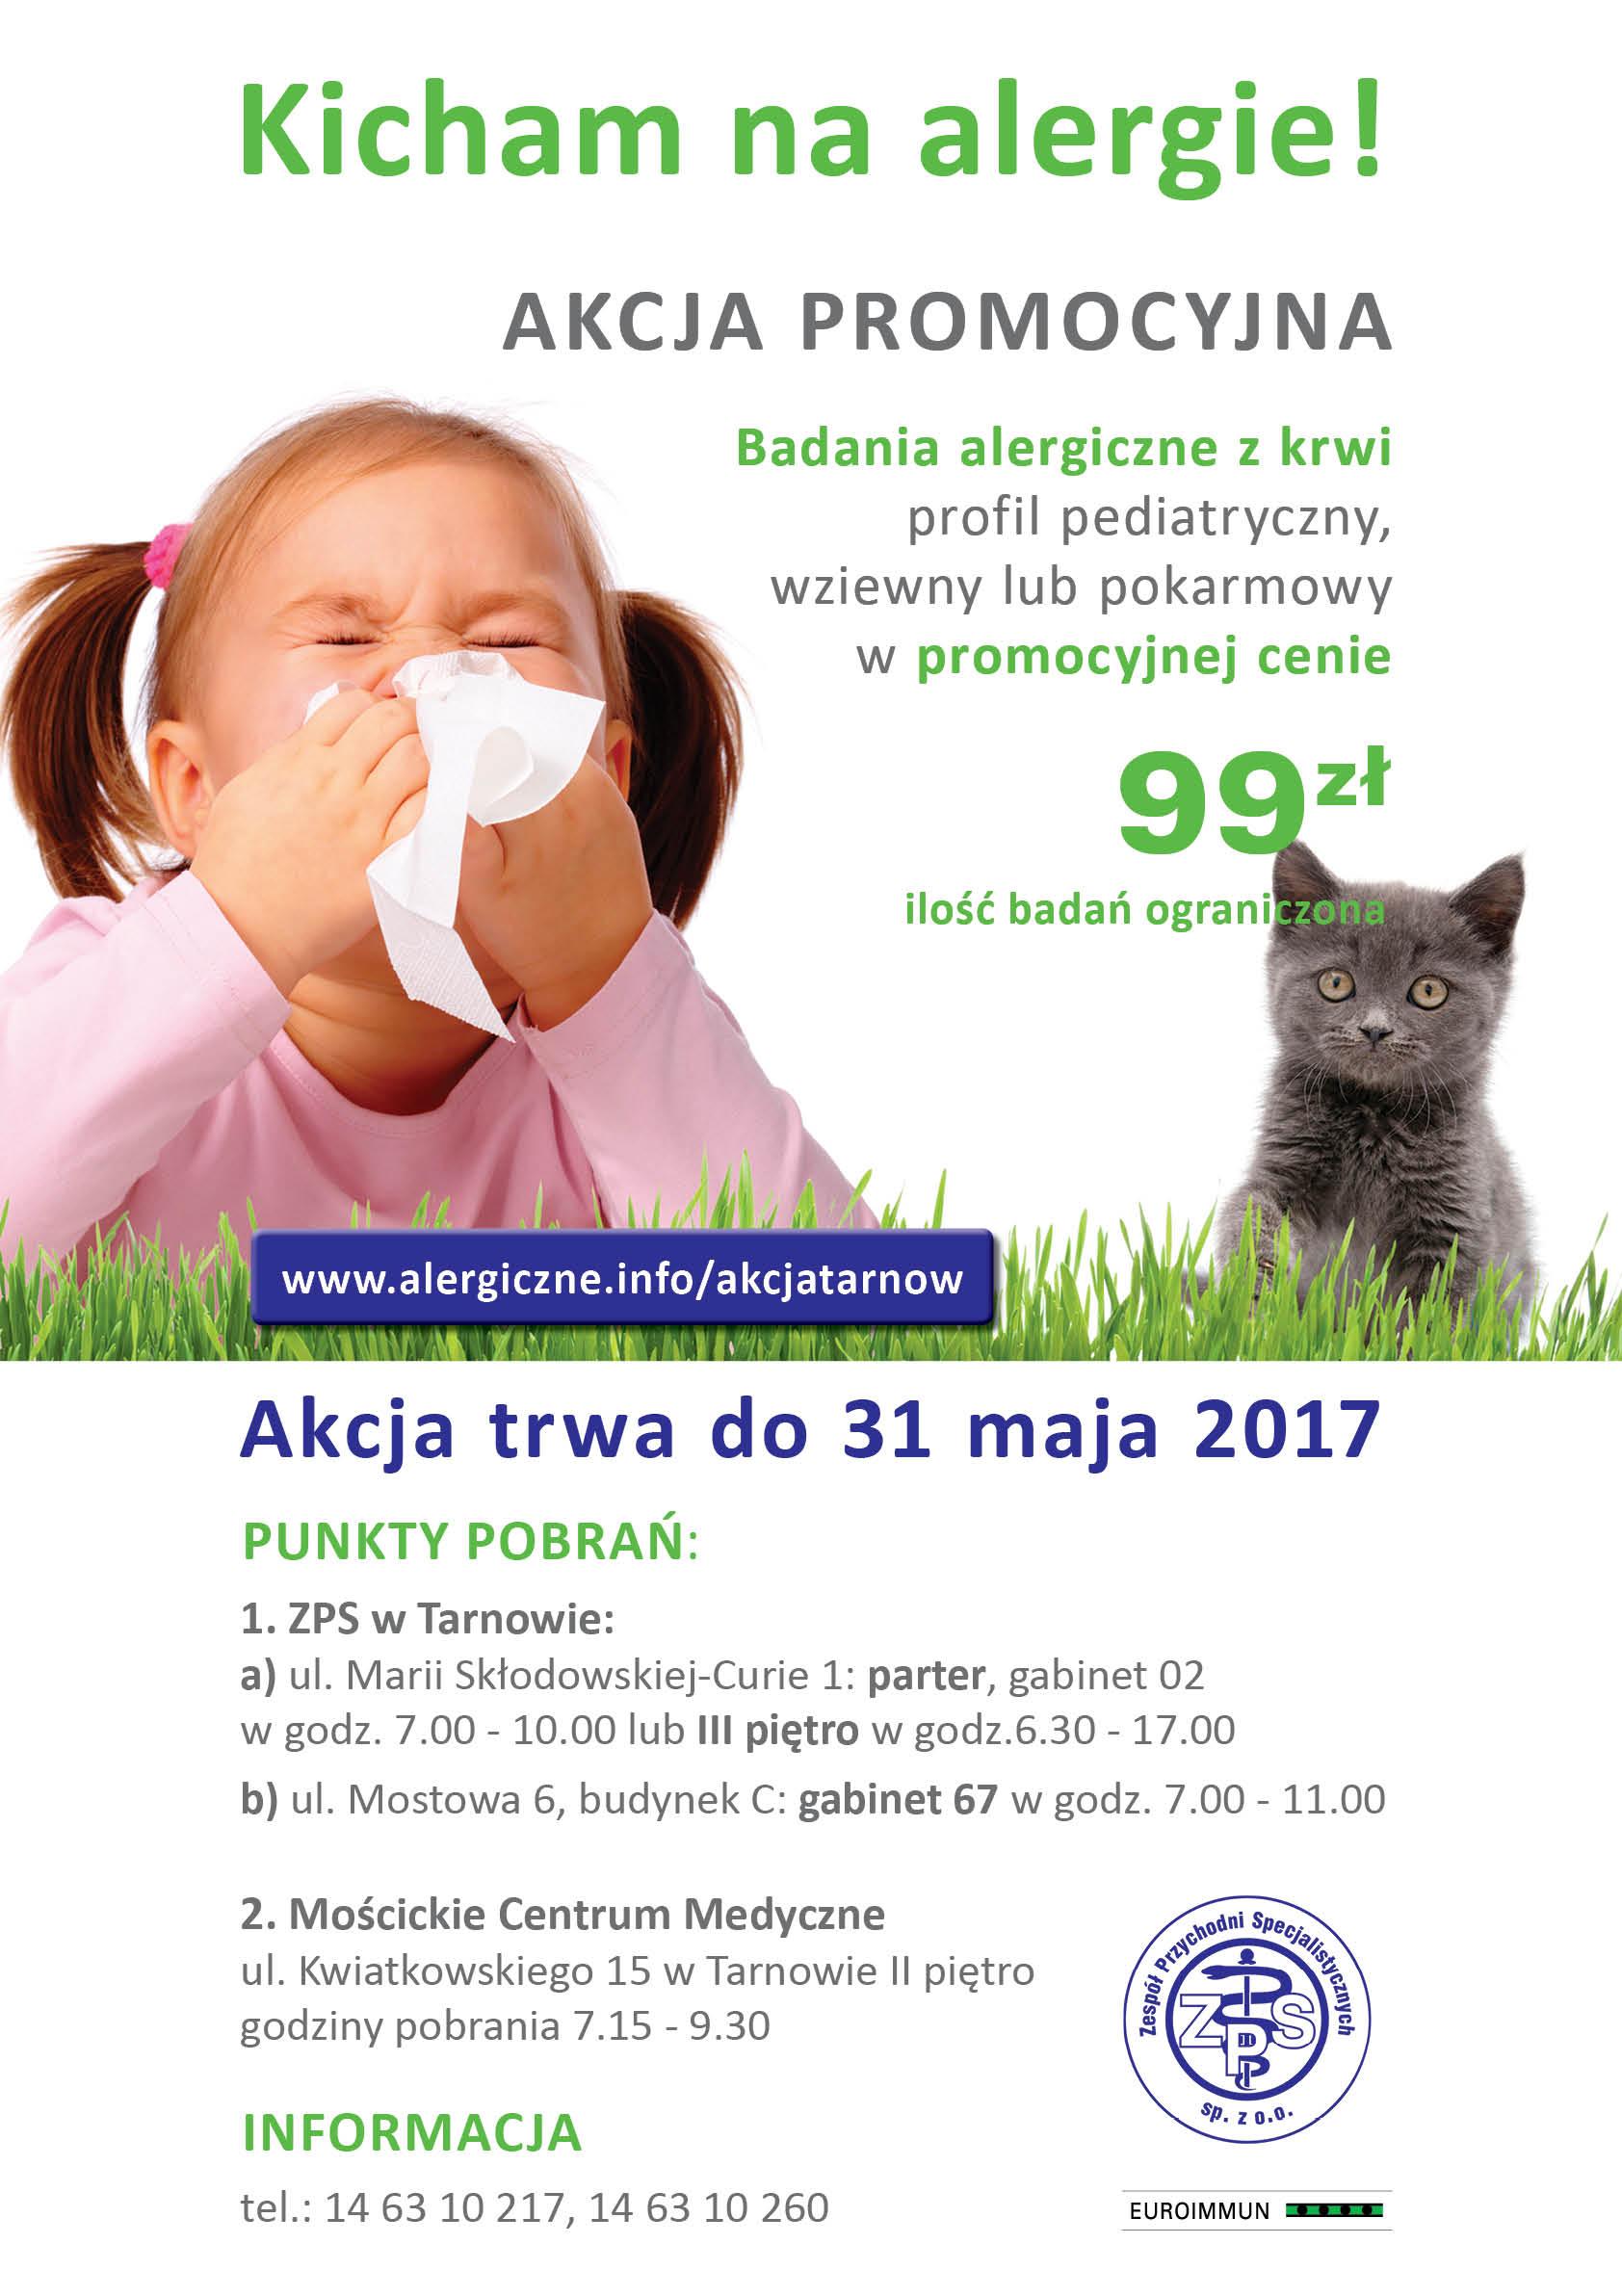 Kicham na alergie! Akcja badań alergicznych dla dzieci i dorosłych